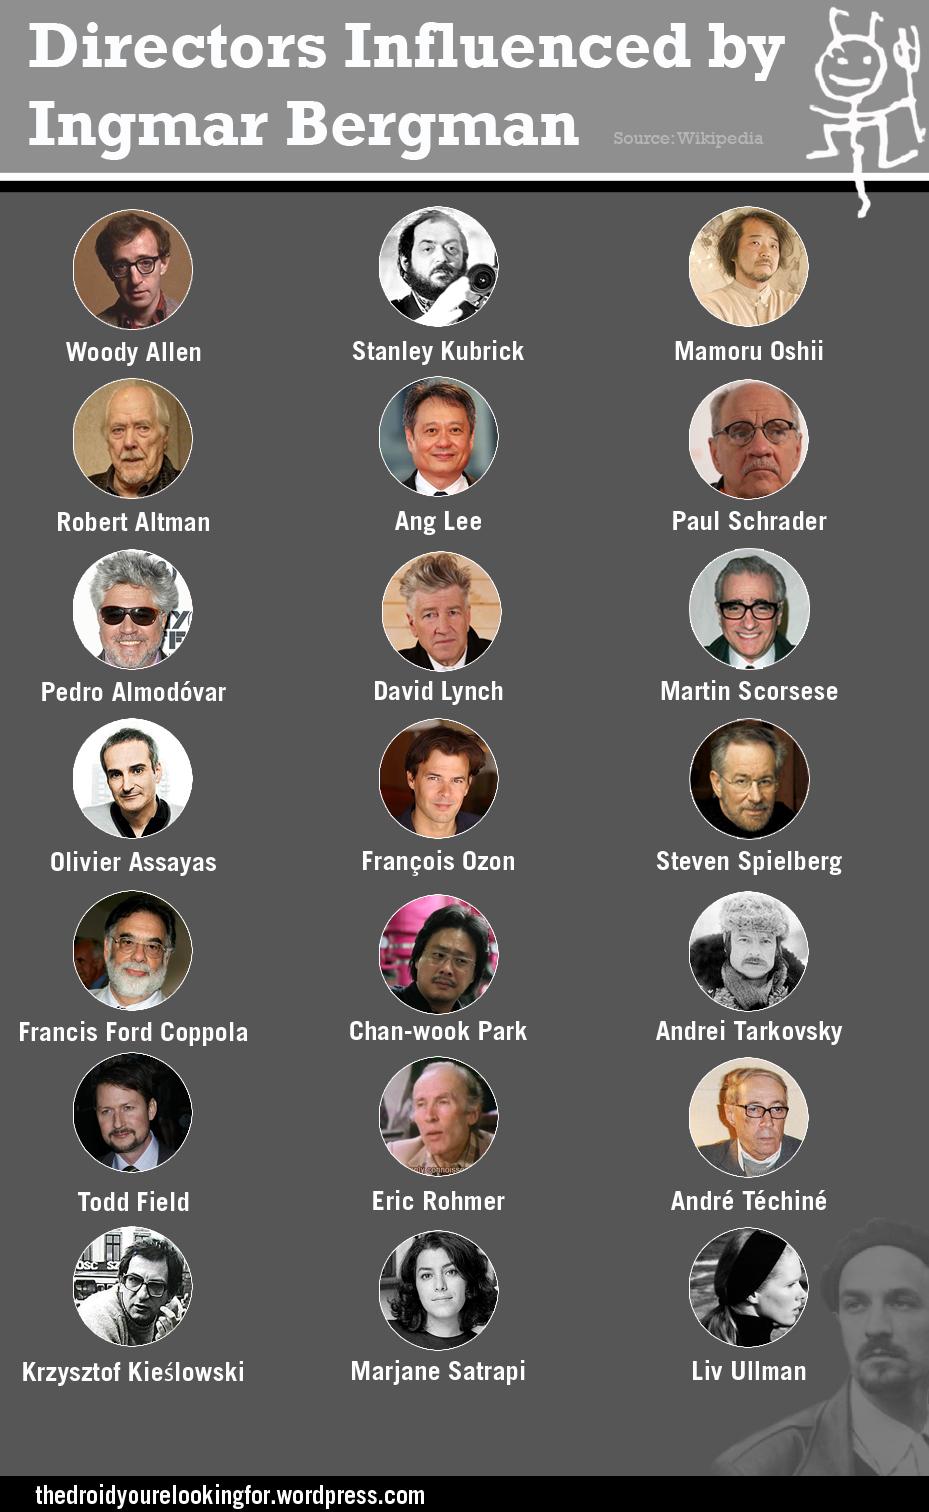 Directores de cine influenciados por Ingmar Bergman